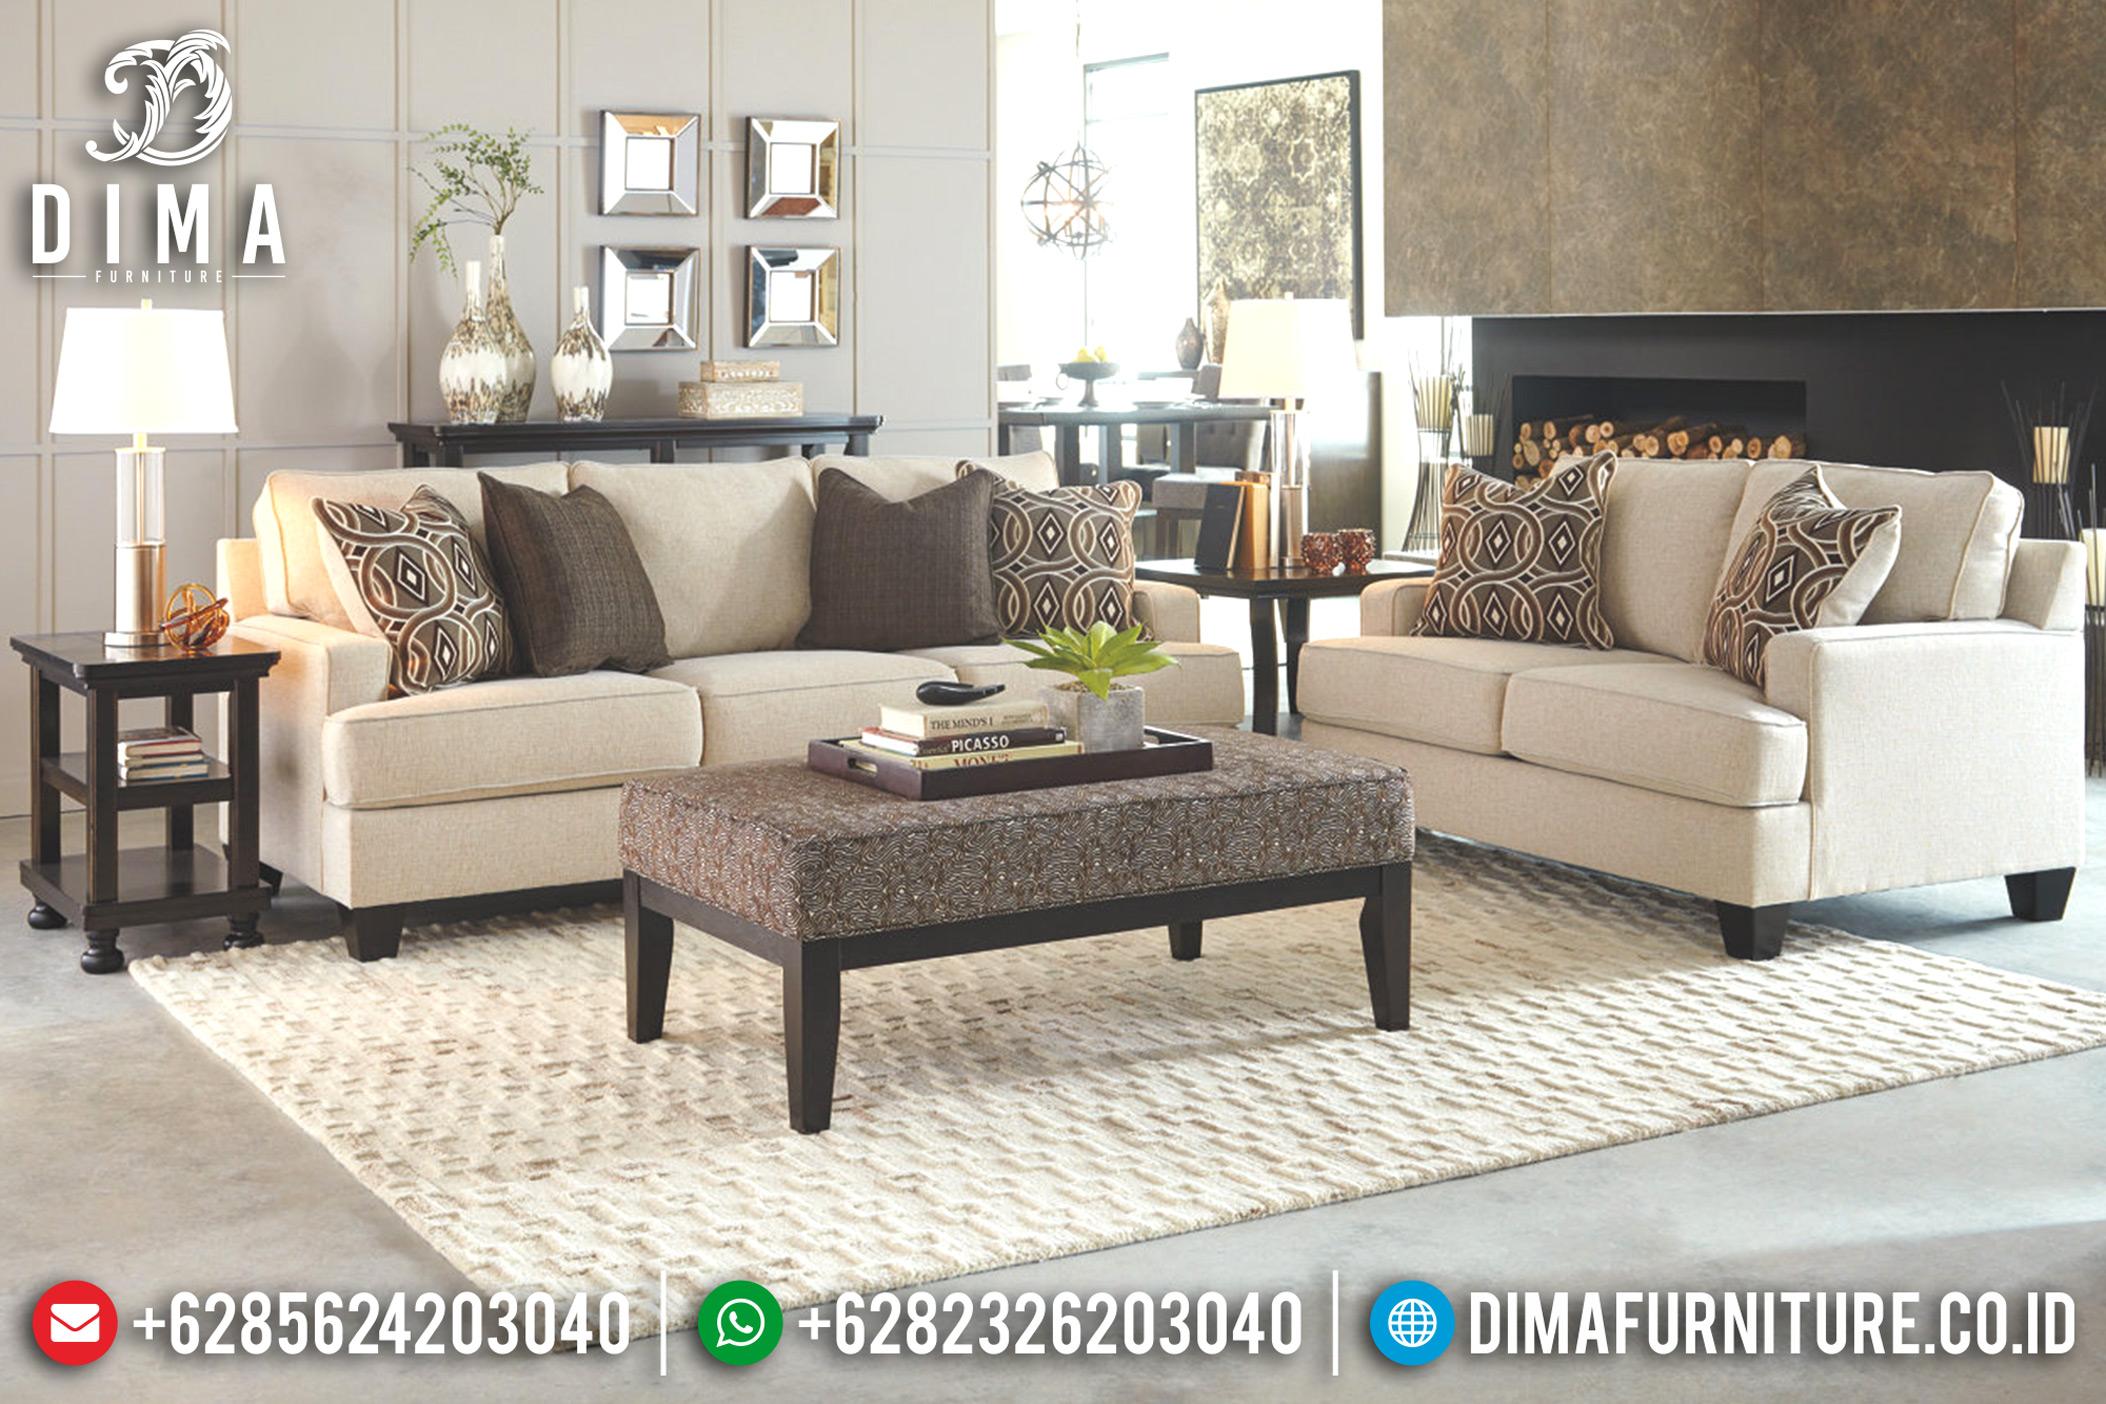 Sofa Tamu Minimalis Jepara, Furniture Indonesia, Sofa Mewah Terbaru DF-0692